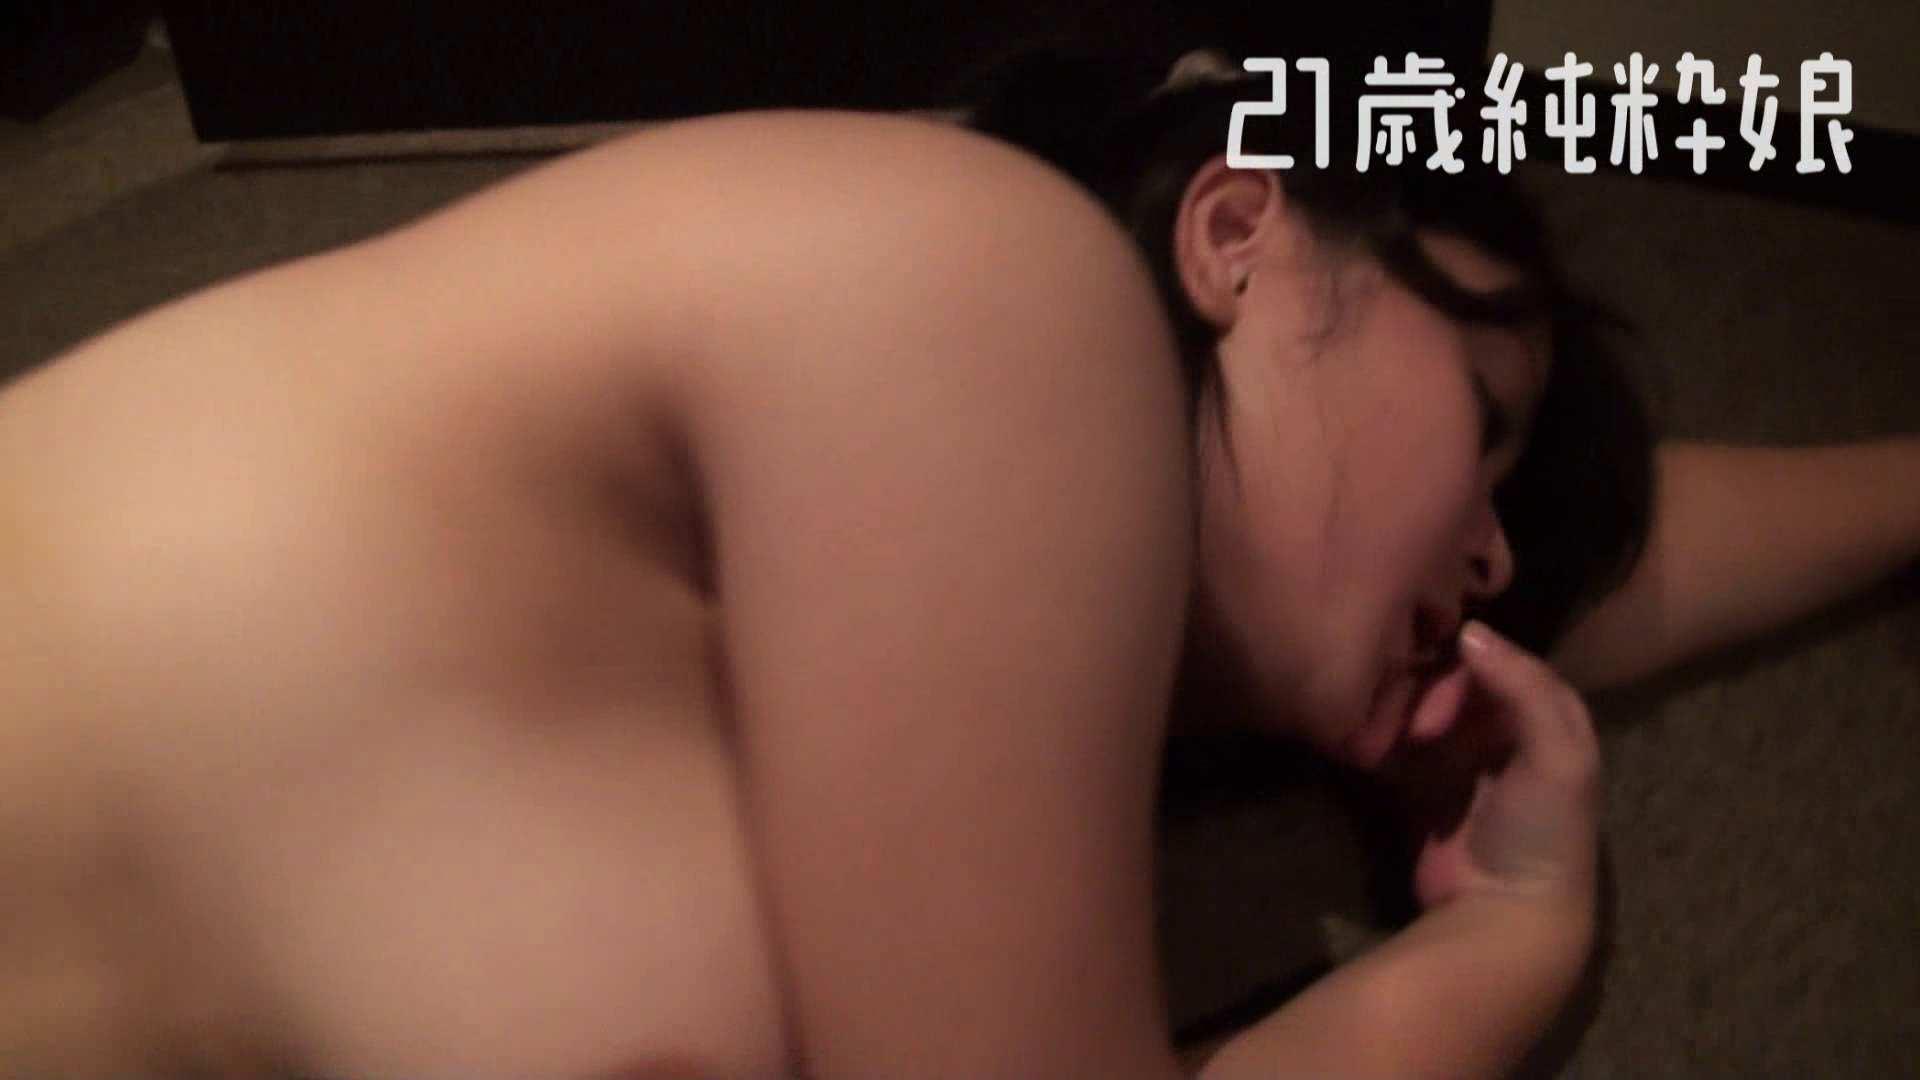 上京したばかりのGカップ21歳純粋嬢を都合の良い女にしてみた2 SEX映像   中出し  70pic 45